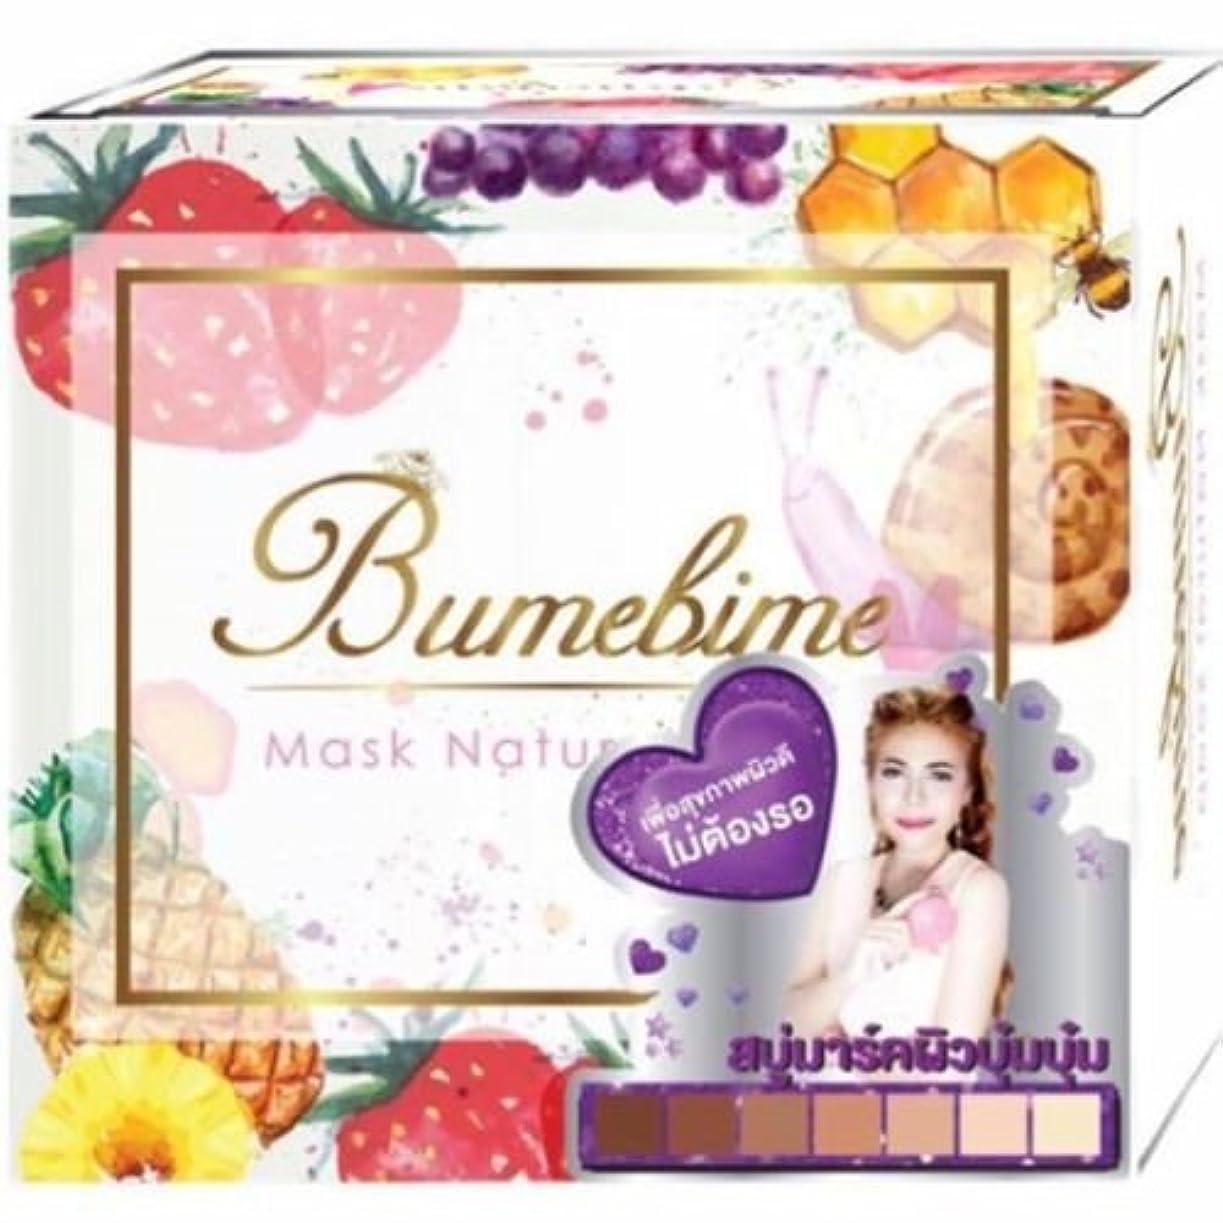 引き出す紛争頻繁に(1 x 100 g) bumebimeマスクNatural SoapスキンボディWhitening byトリプルW Shop